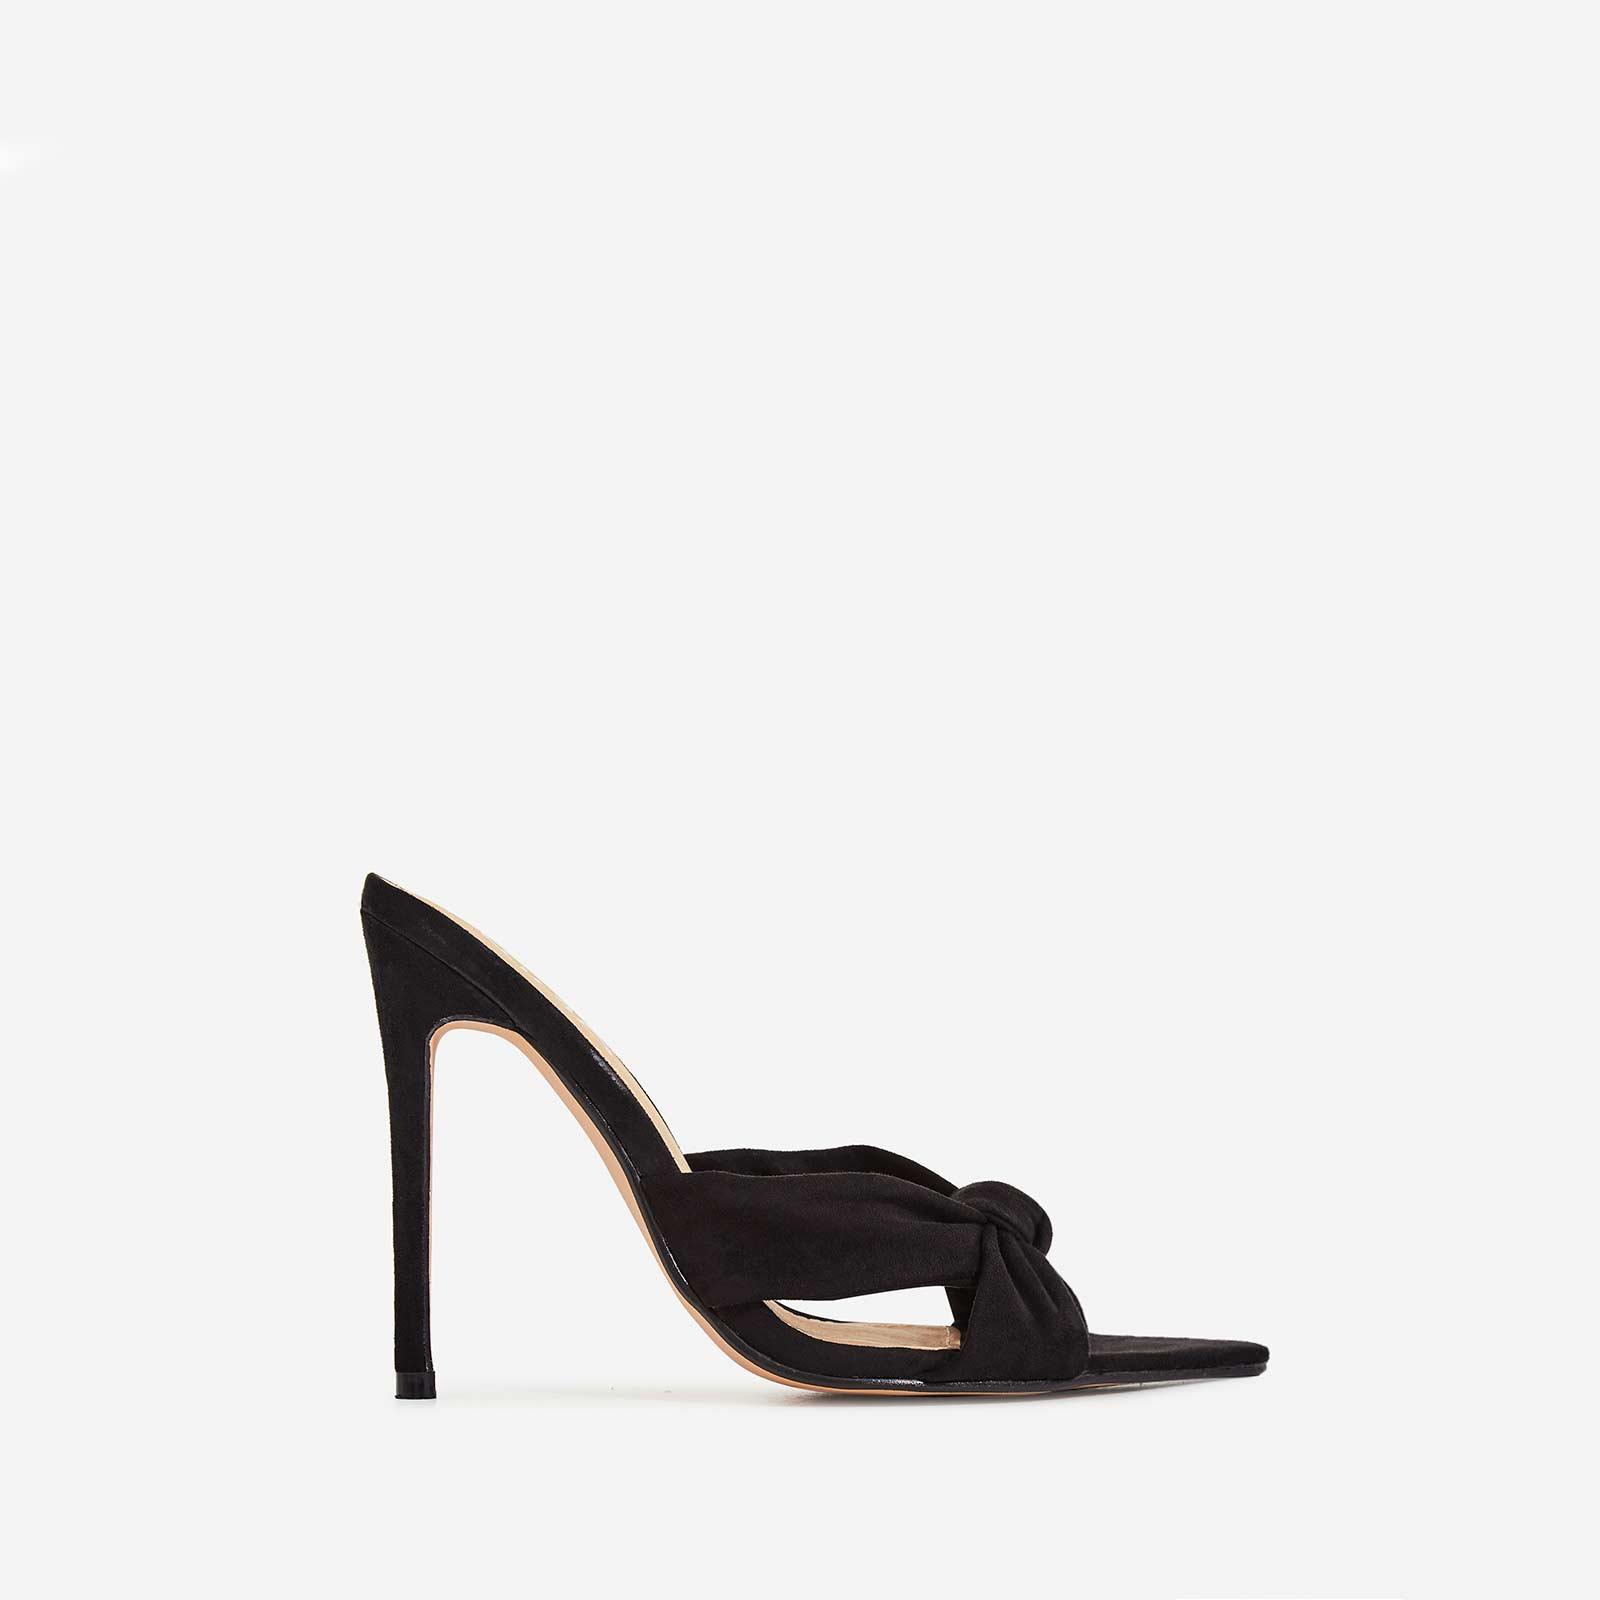 Saska Knot Detail Pointed Peep Toe Heel Mule In Black Faux Suede